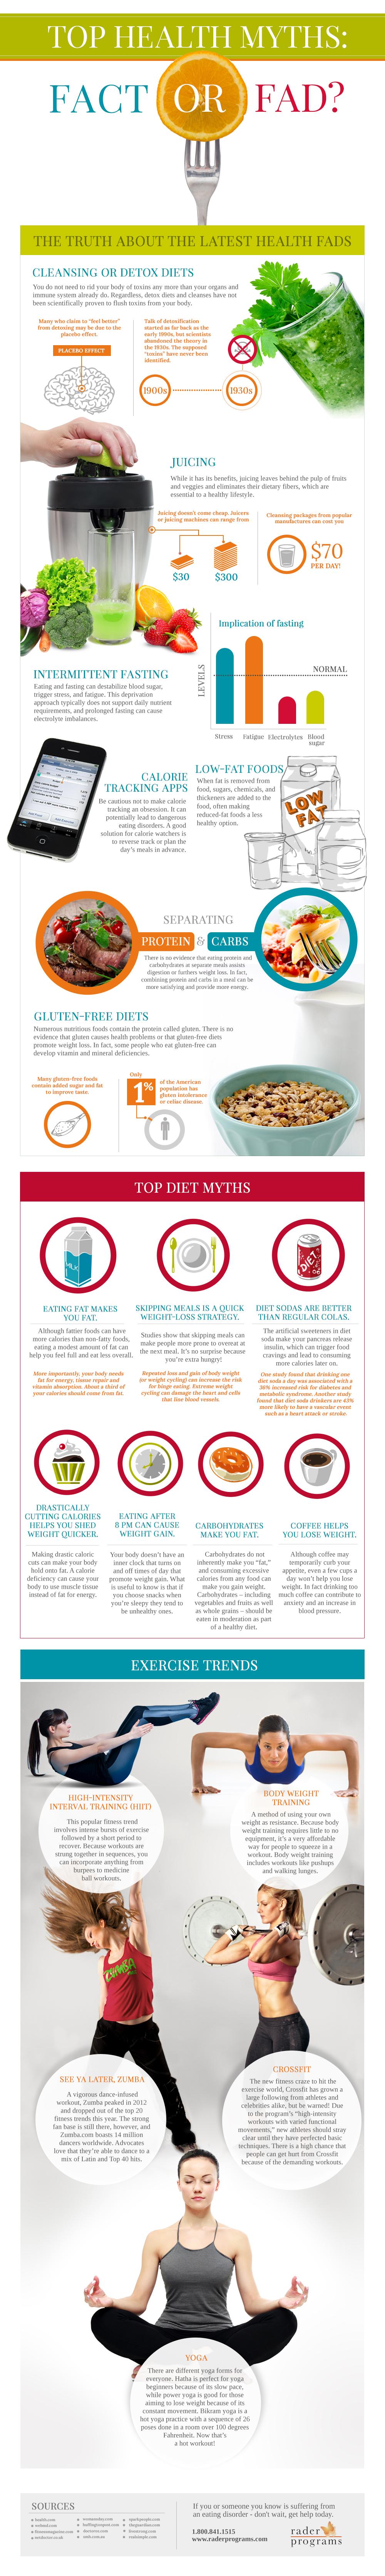 Top Health Myths: Fact or Fad?